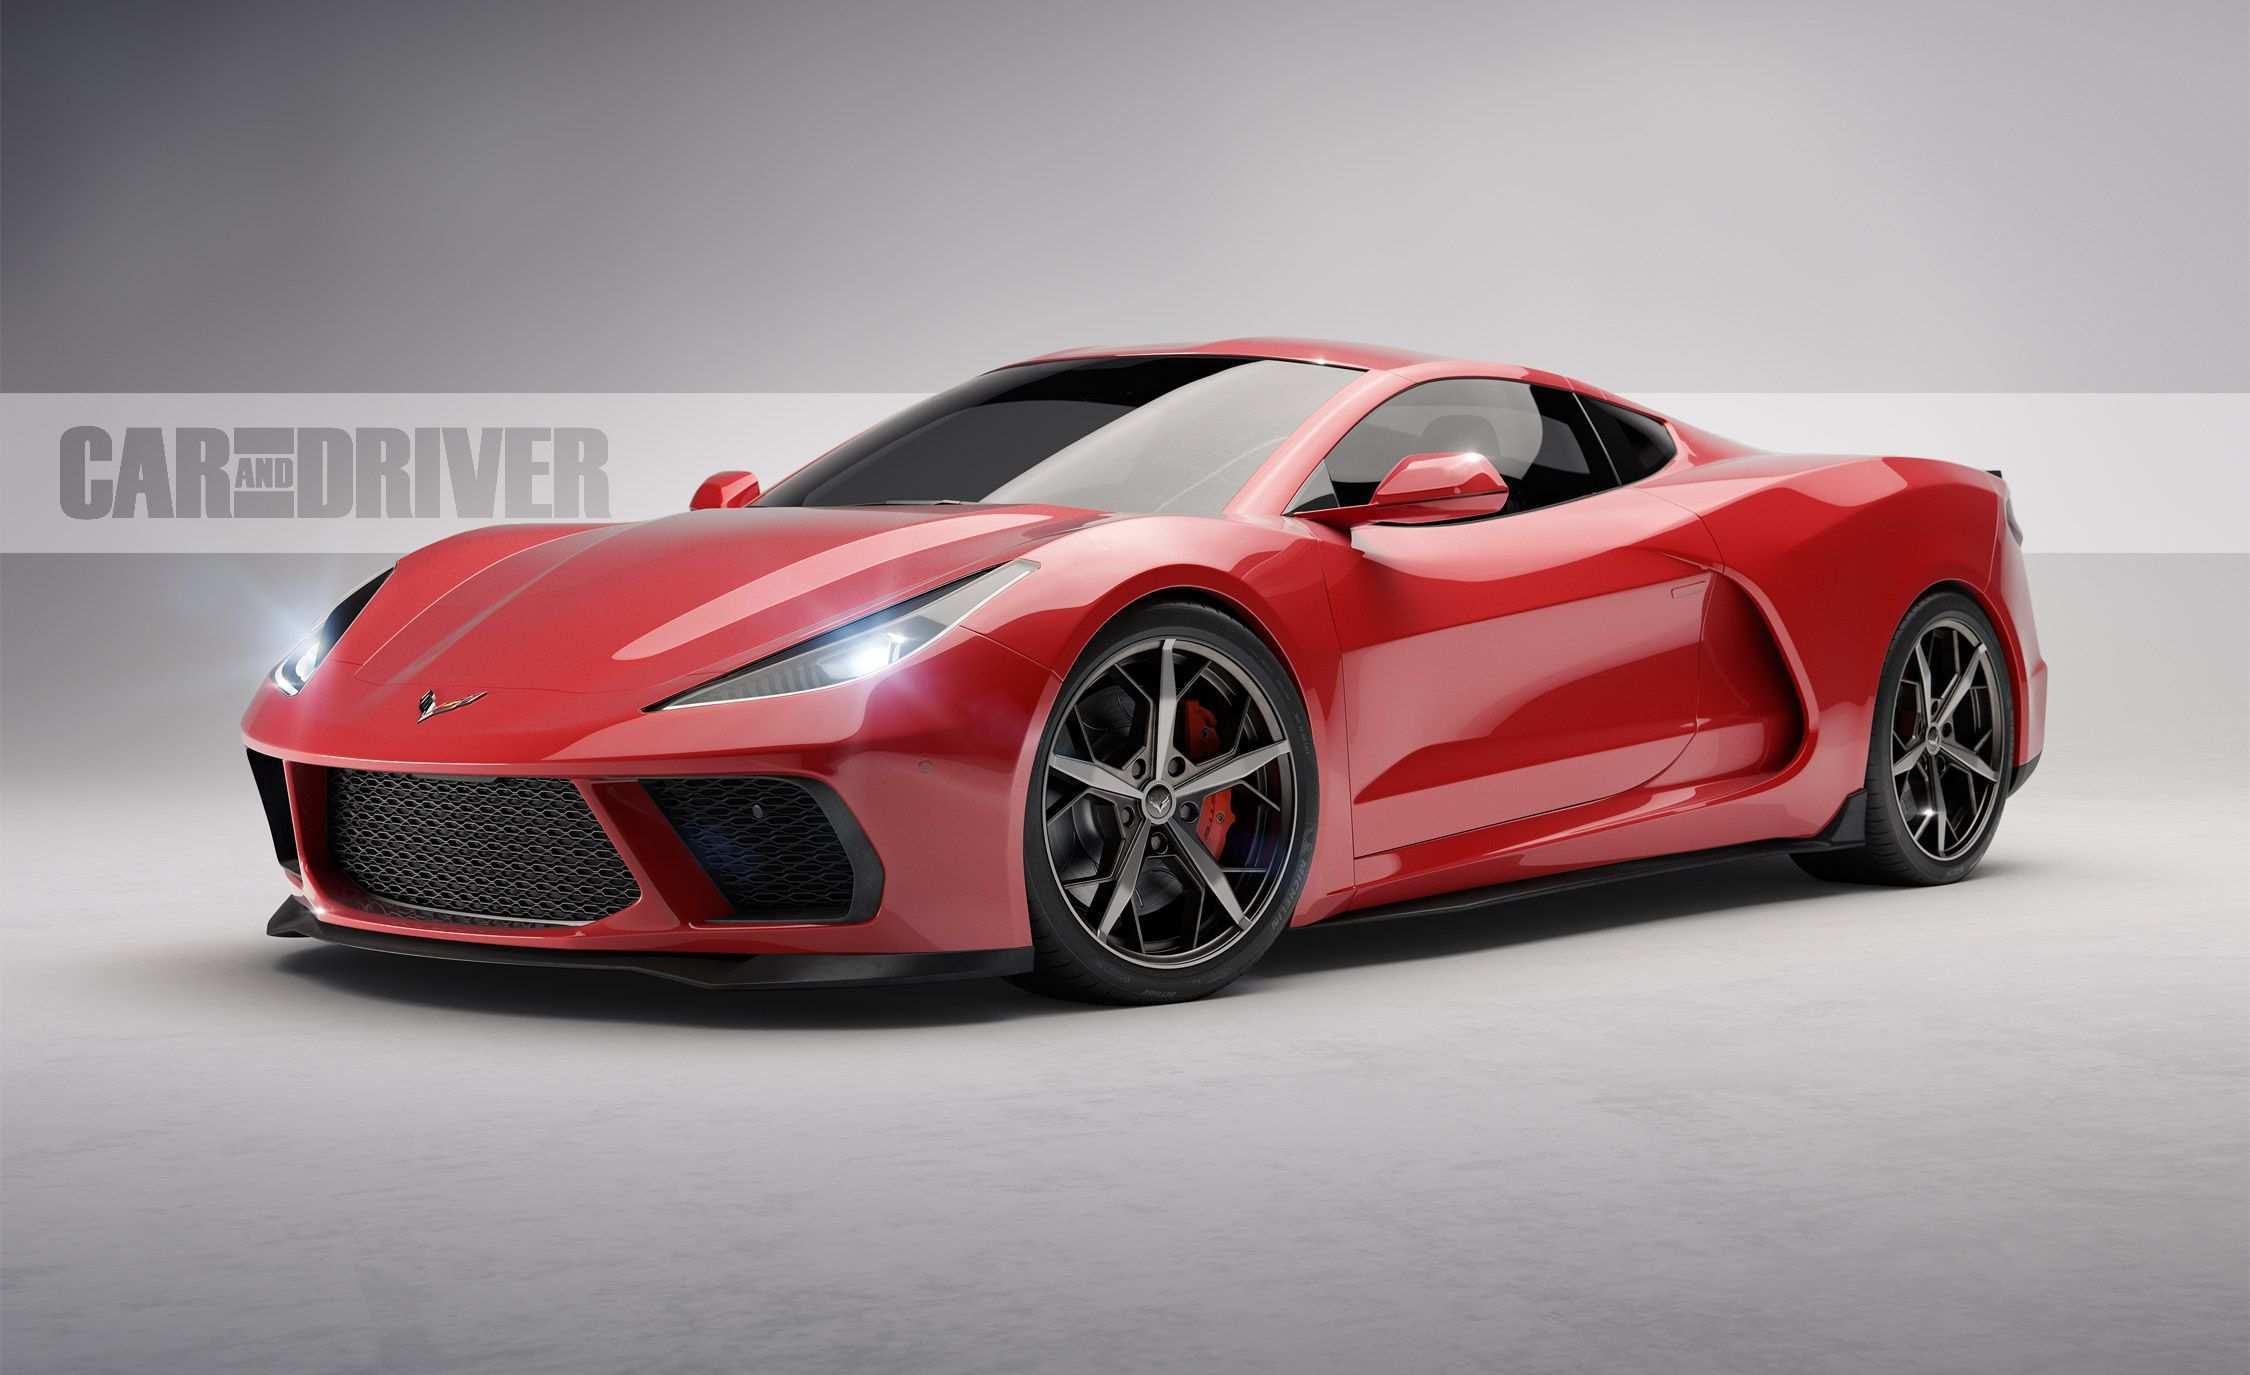 52 Concept of 2020 Chevrolet Corvette Z06 Rumors with 2020 Chevrolet Corvette Z06